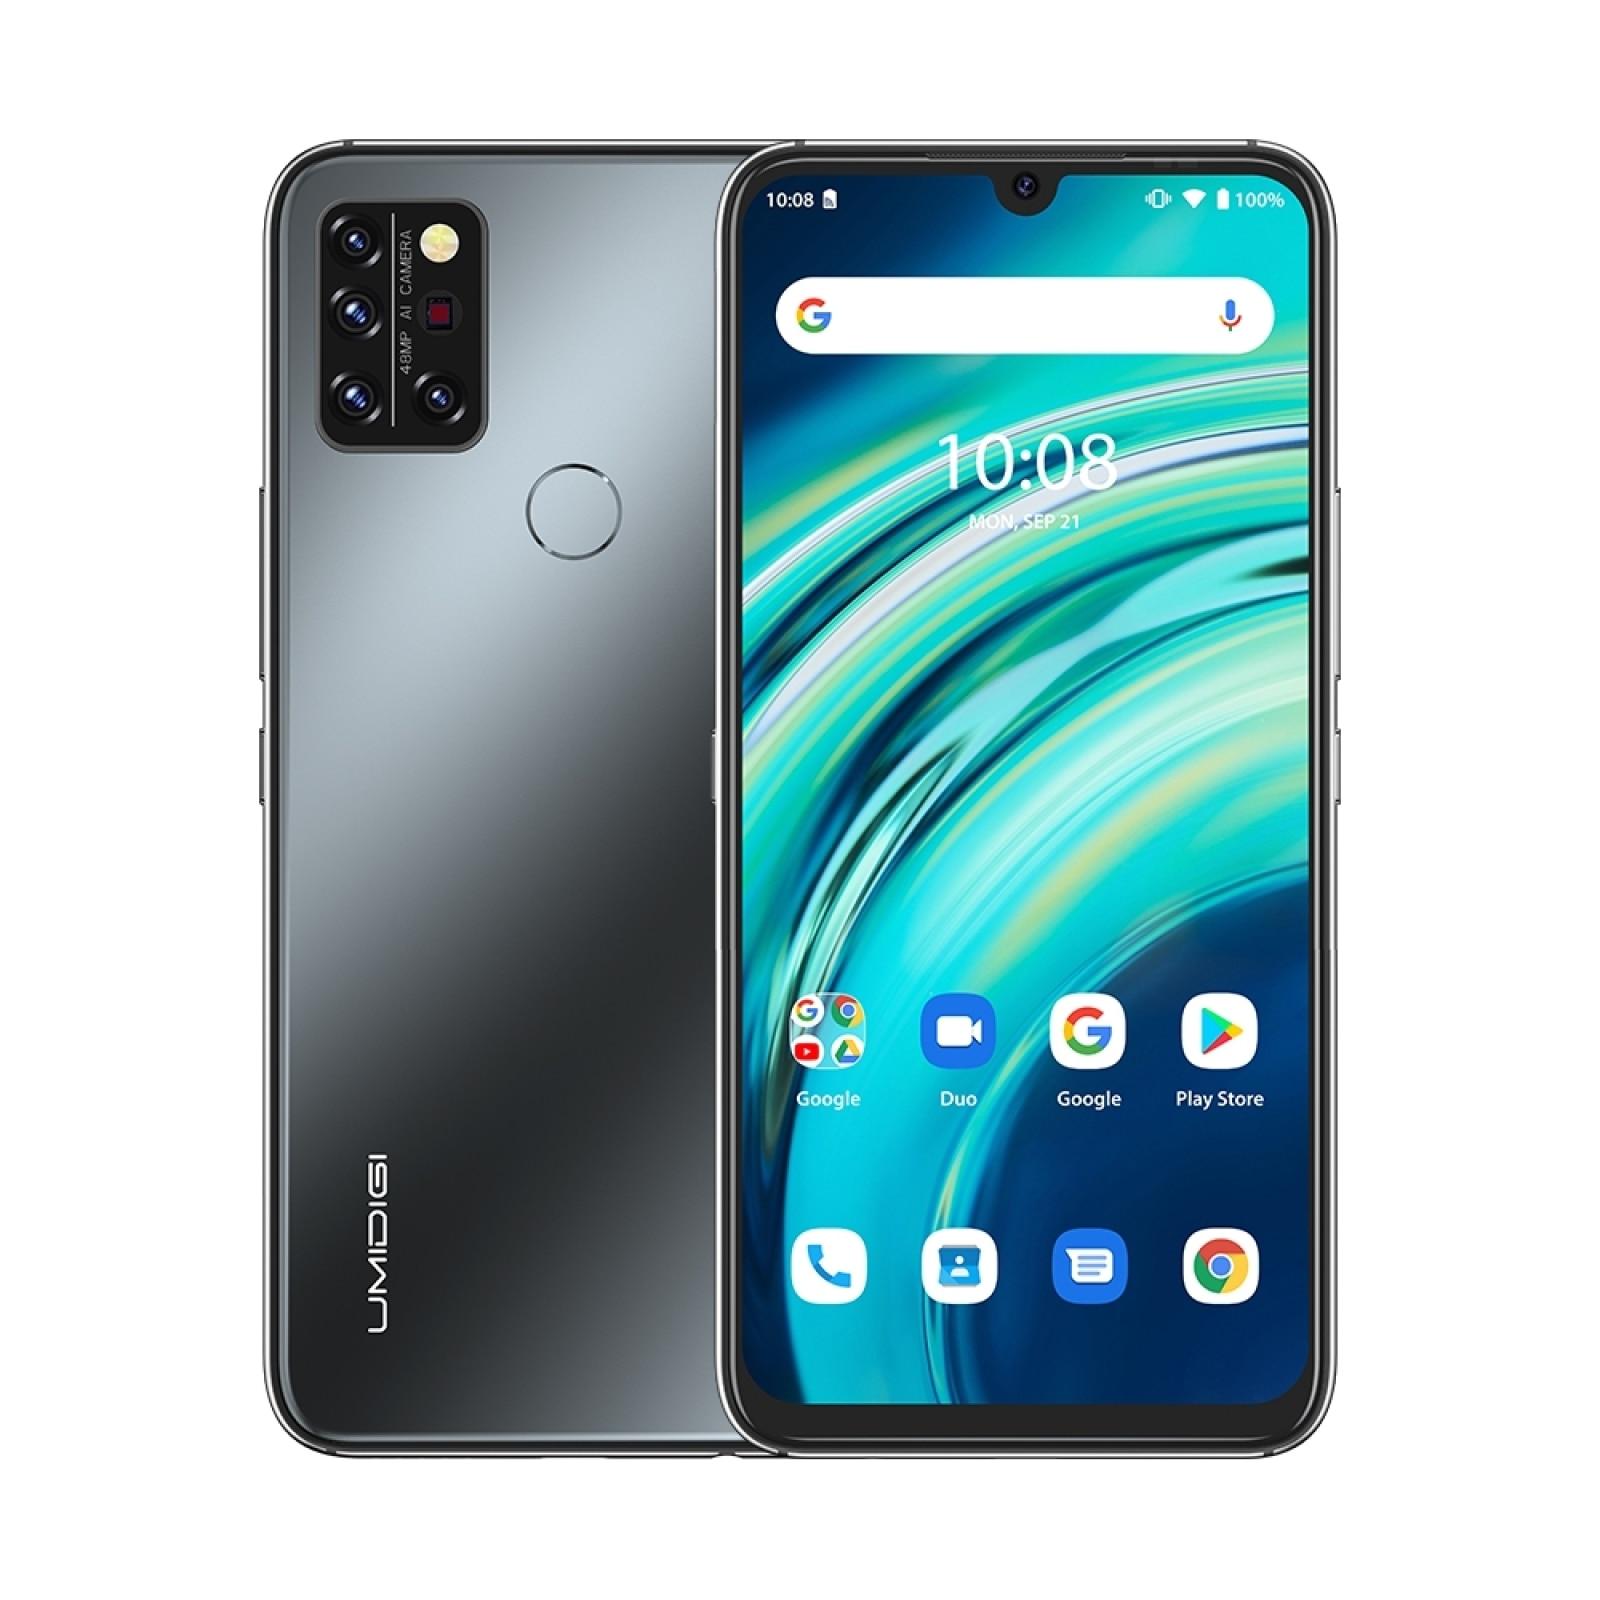 Перейти на Алиэкспресс и купить UMIDIGI A9 Pro 48MP Quad Camera смартфон 6 + 128 ГБ Android 10 Helio P60 Octa Core 6,3 дюймГлобальная Версия Телефона 24MP селфи Cam